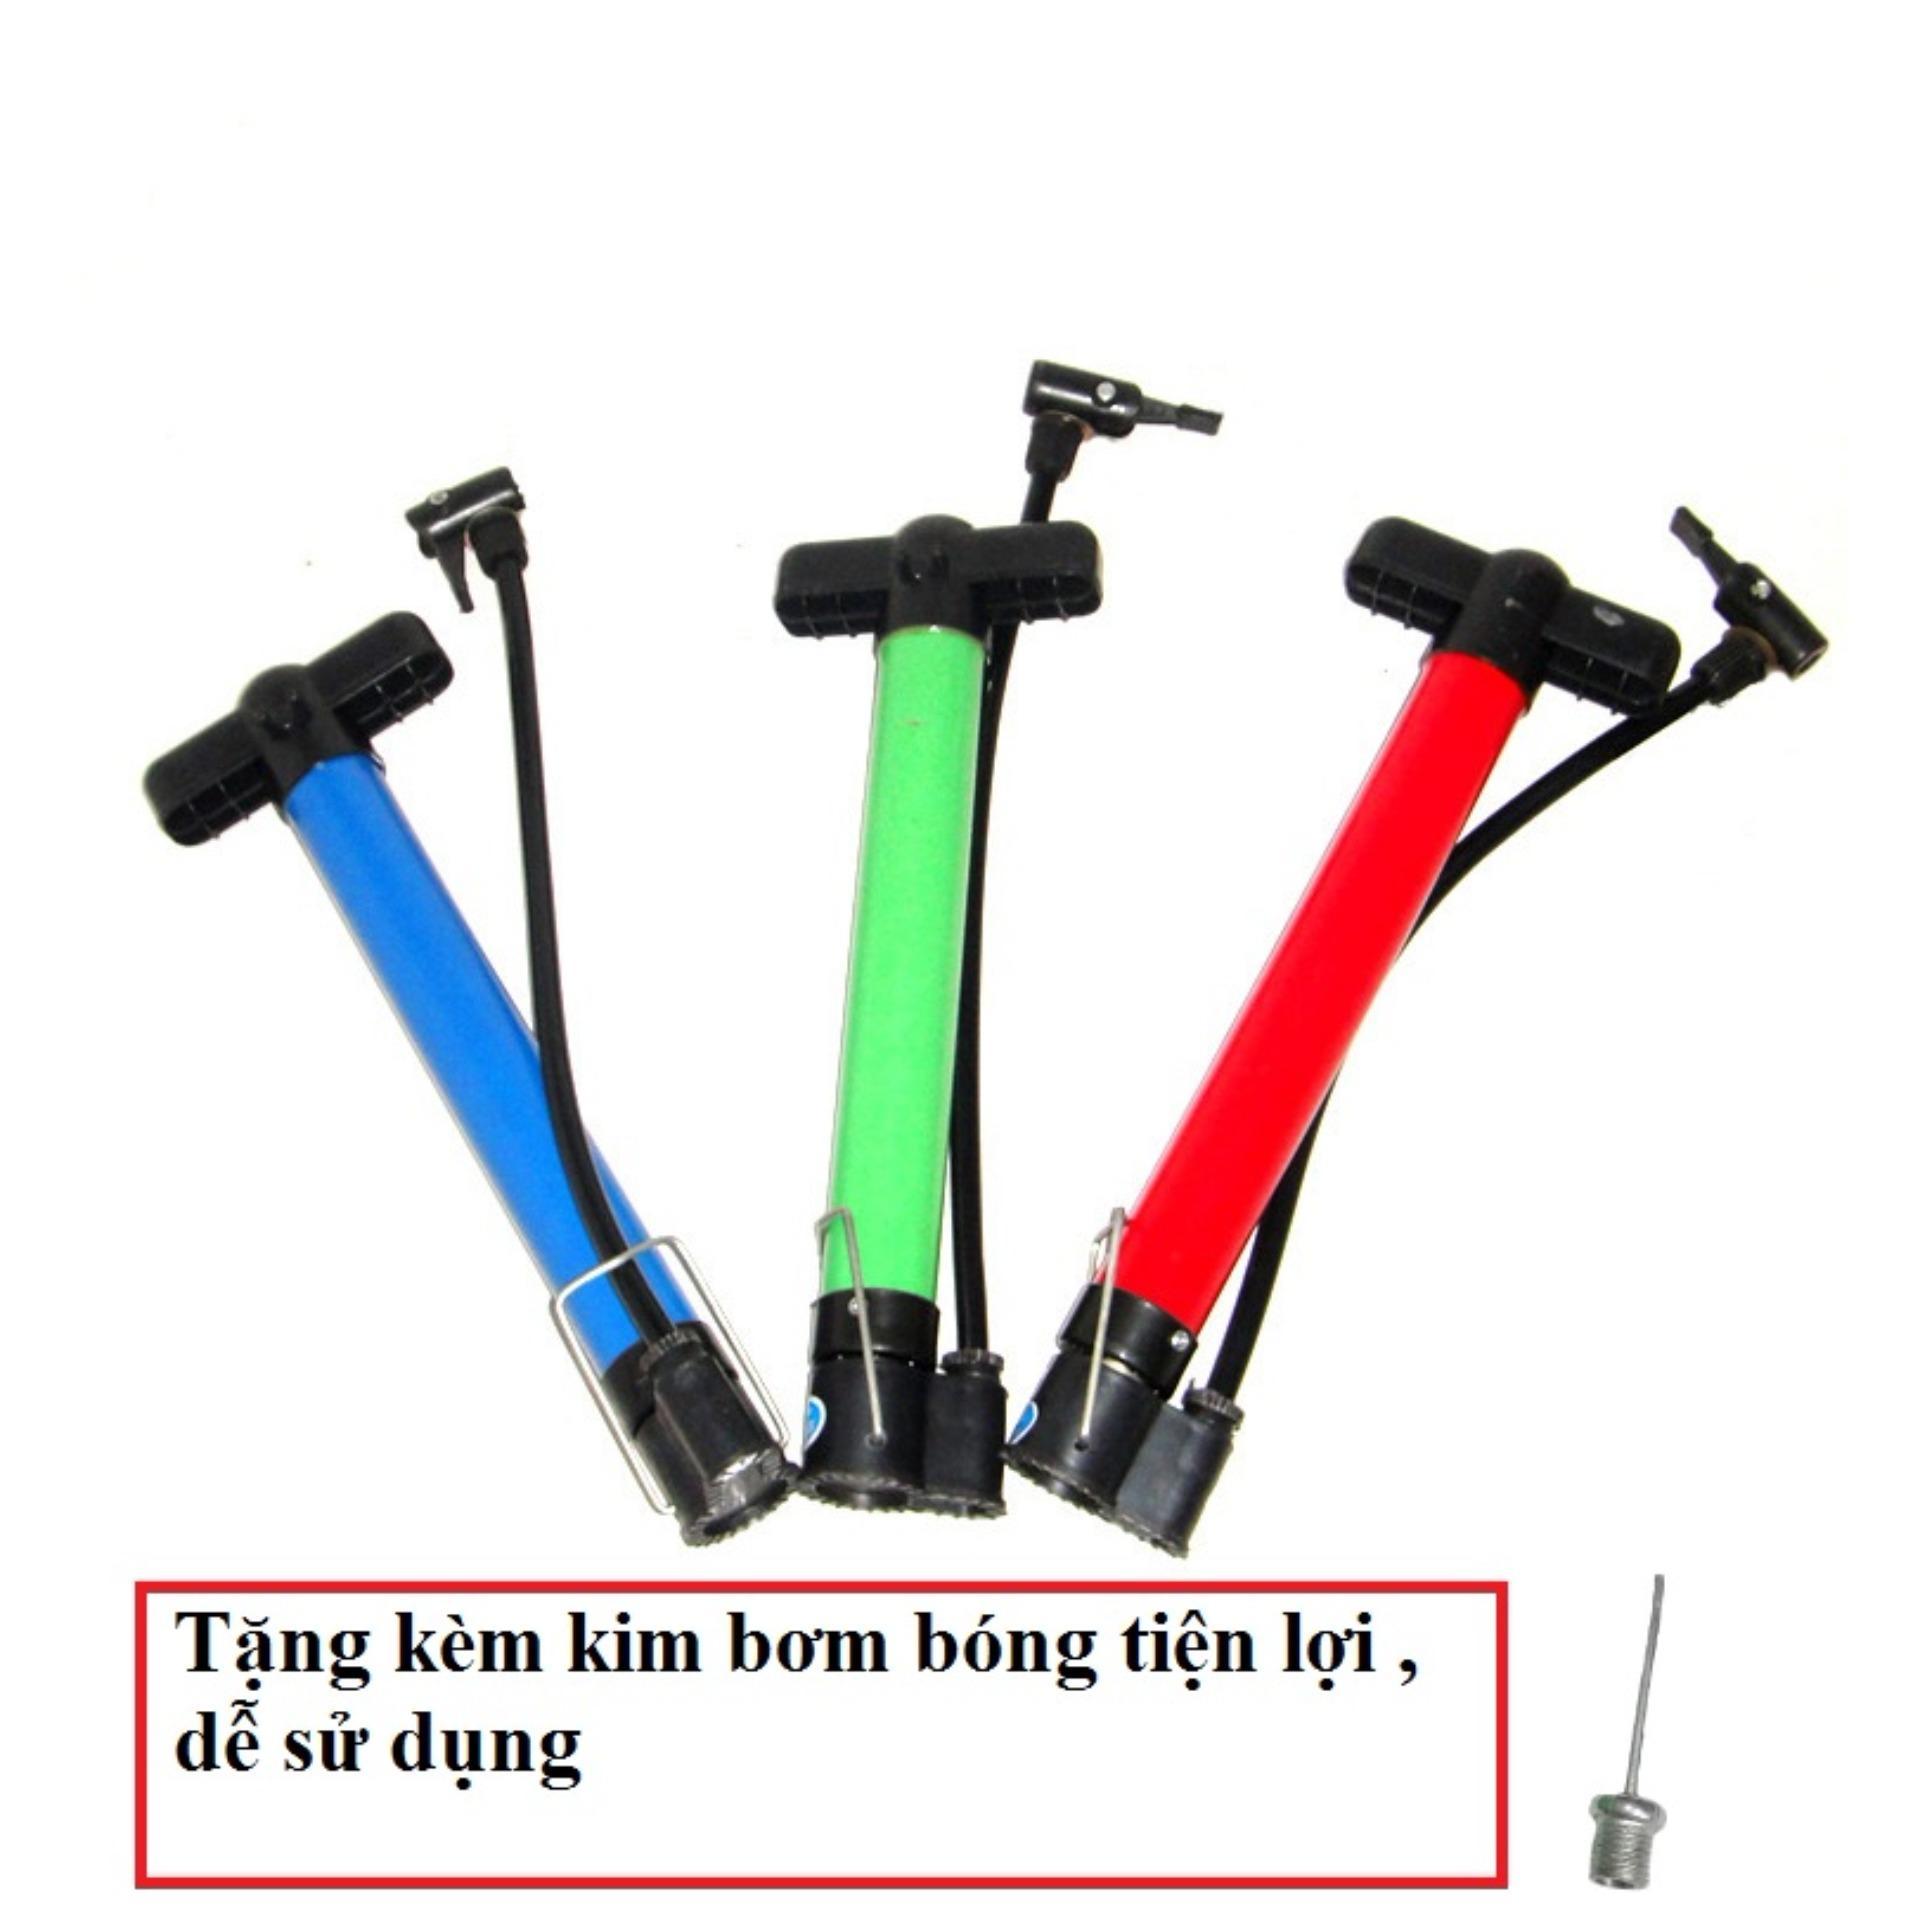 Mẫu sản phẩm Bơm cầm tay đa năng tặng kèm kim bơm bóng tiện lợi